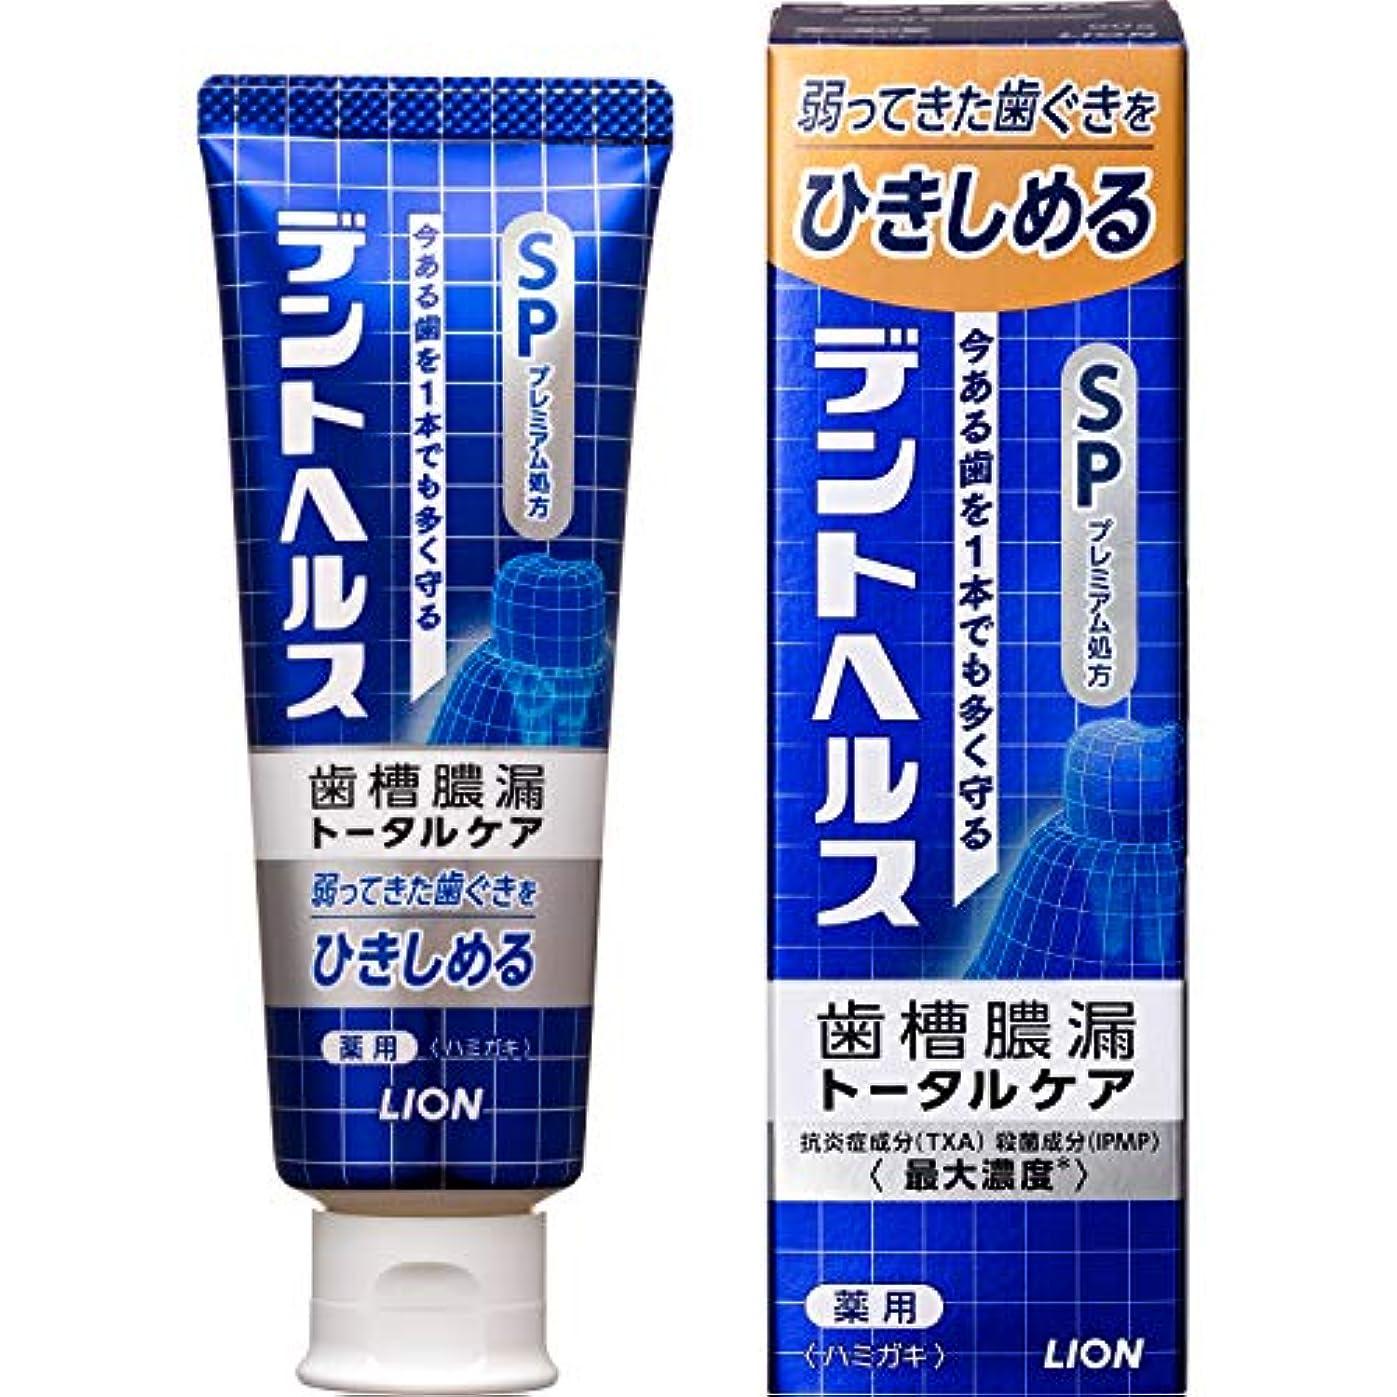 砂これら欠点歯槽膿漏予防に デントヘルス 薬用ハミガキSP 90g (医薬部外品)